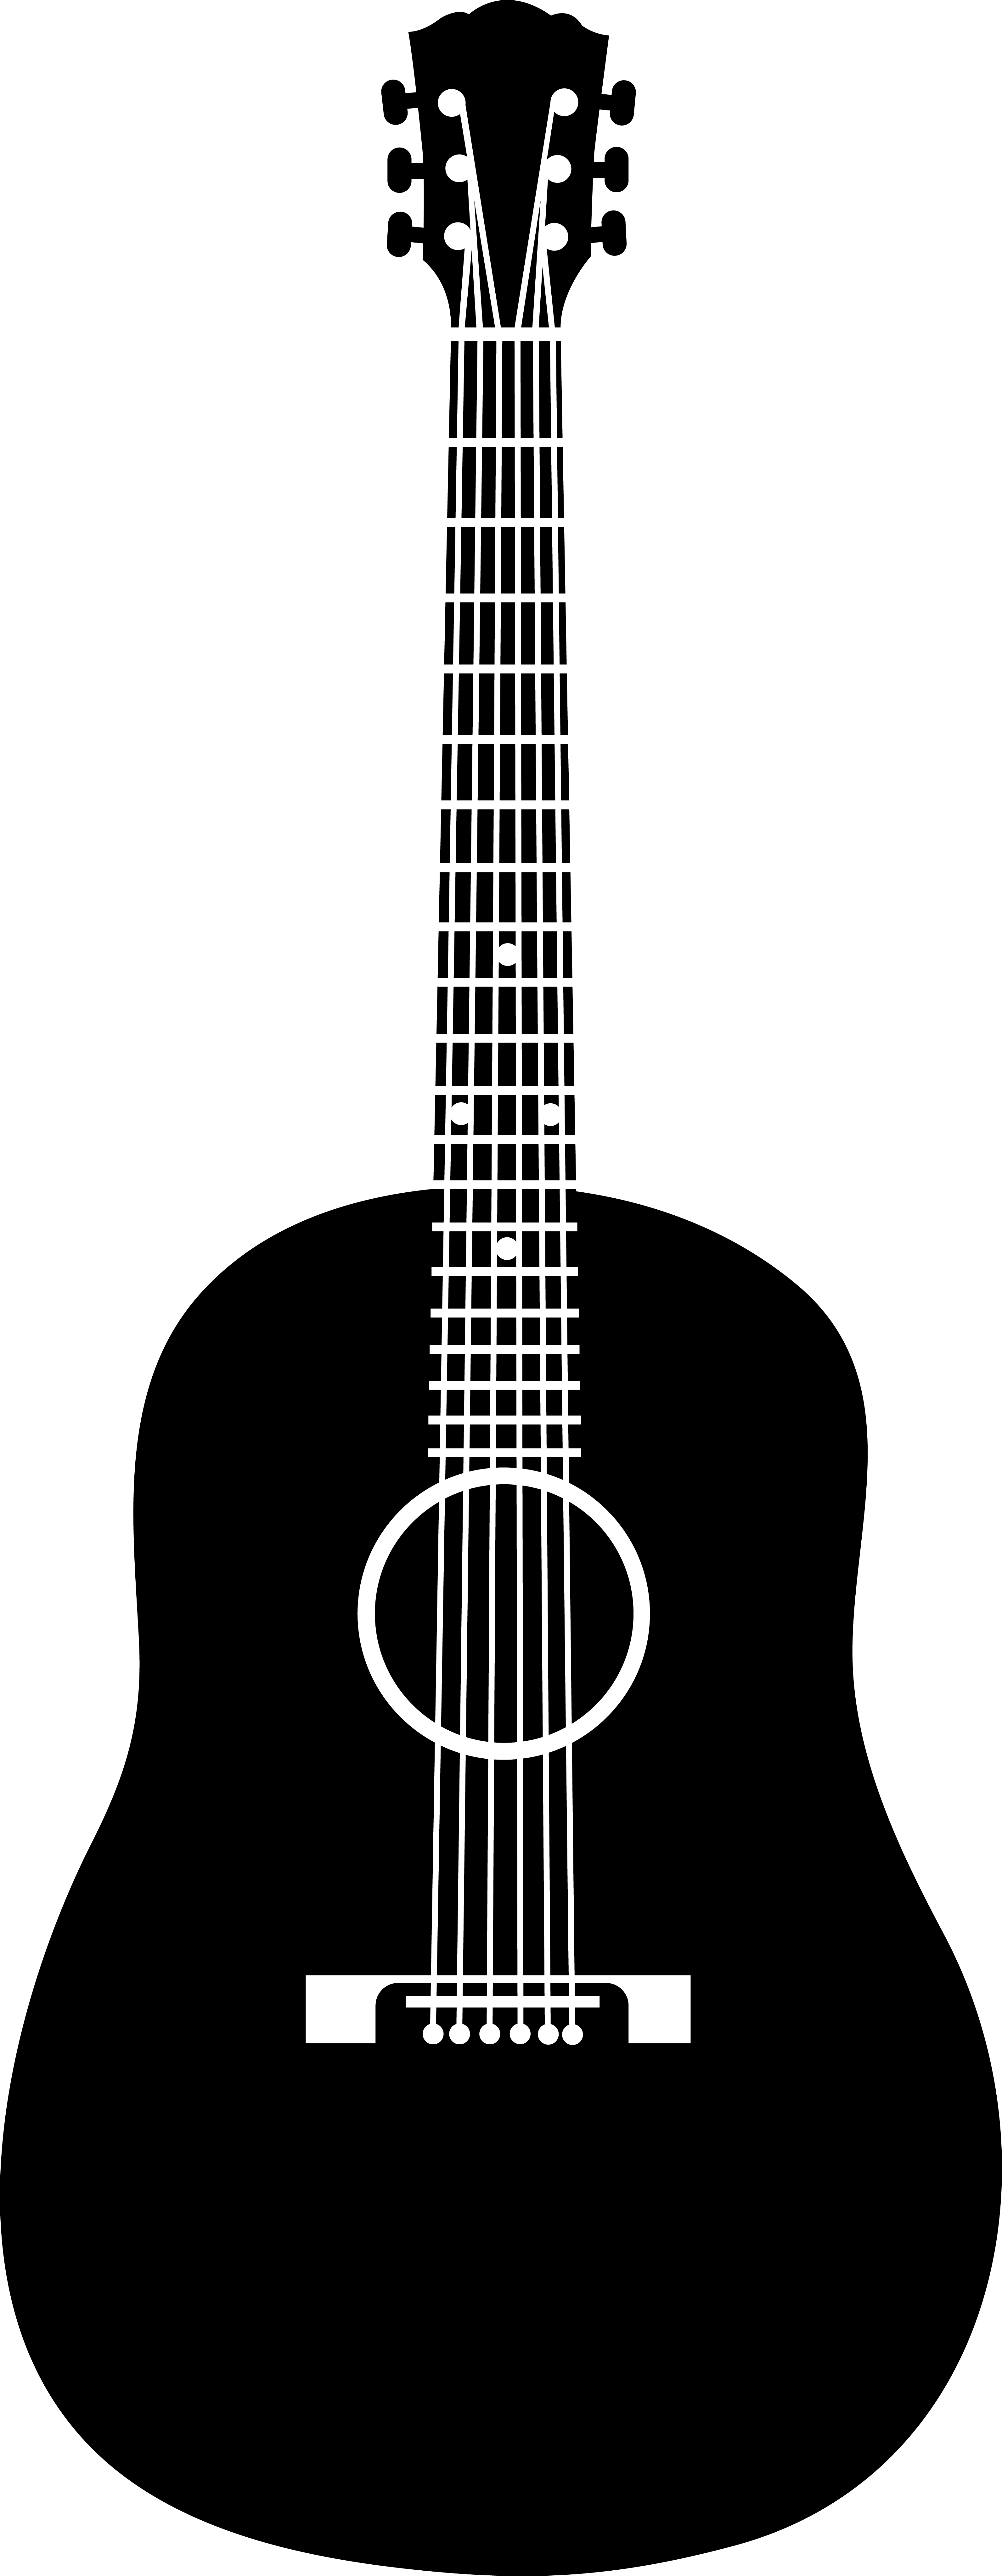 pin Ukulele clipart yamaha #1 - Ukulele PNG Black And White